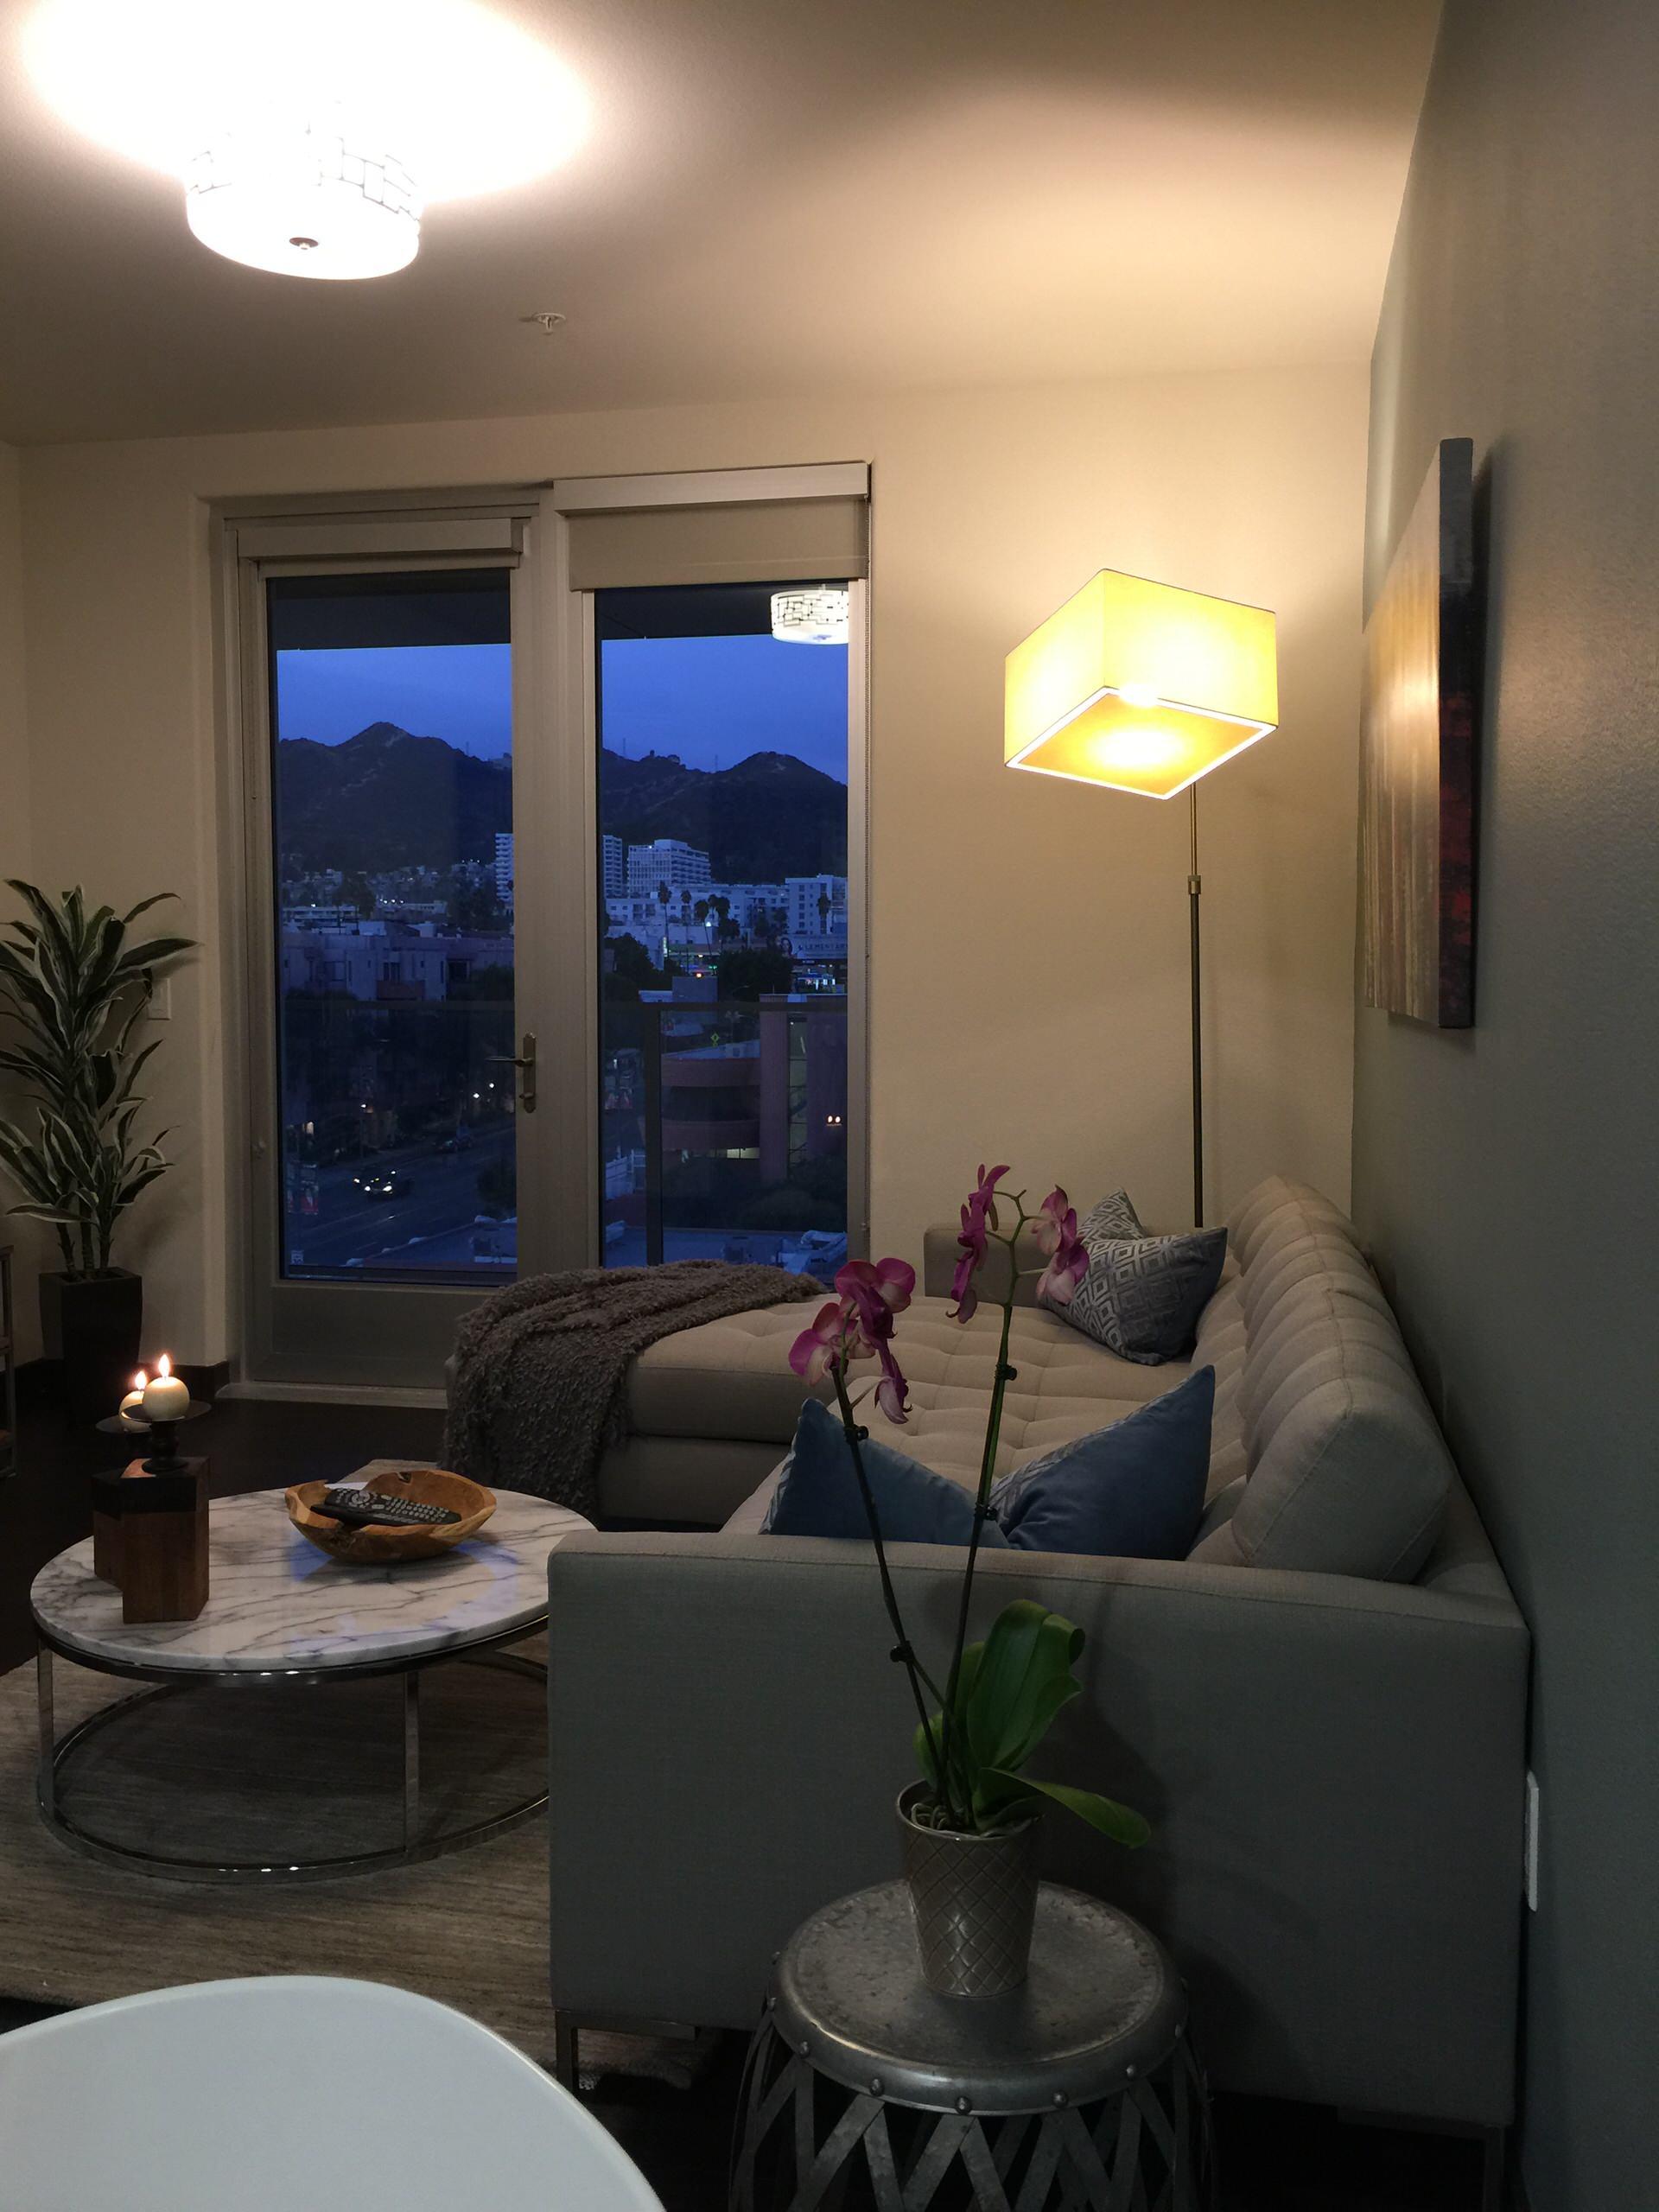 One Bedroom Condo Houzz